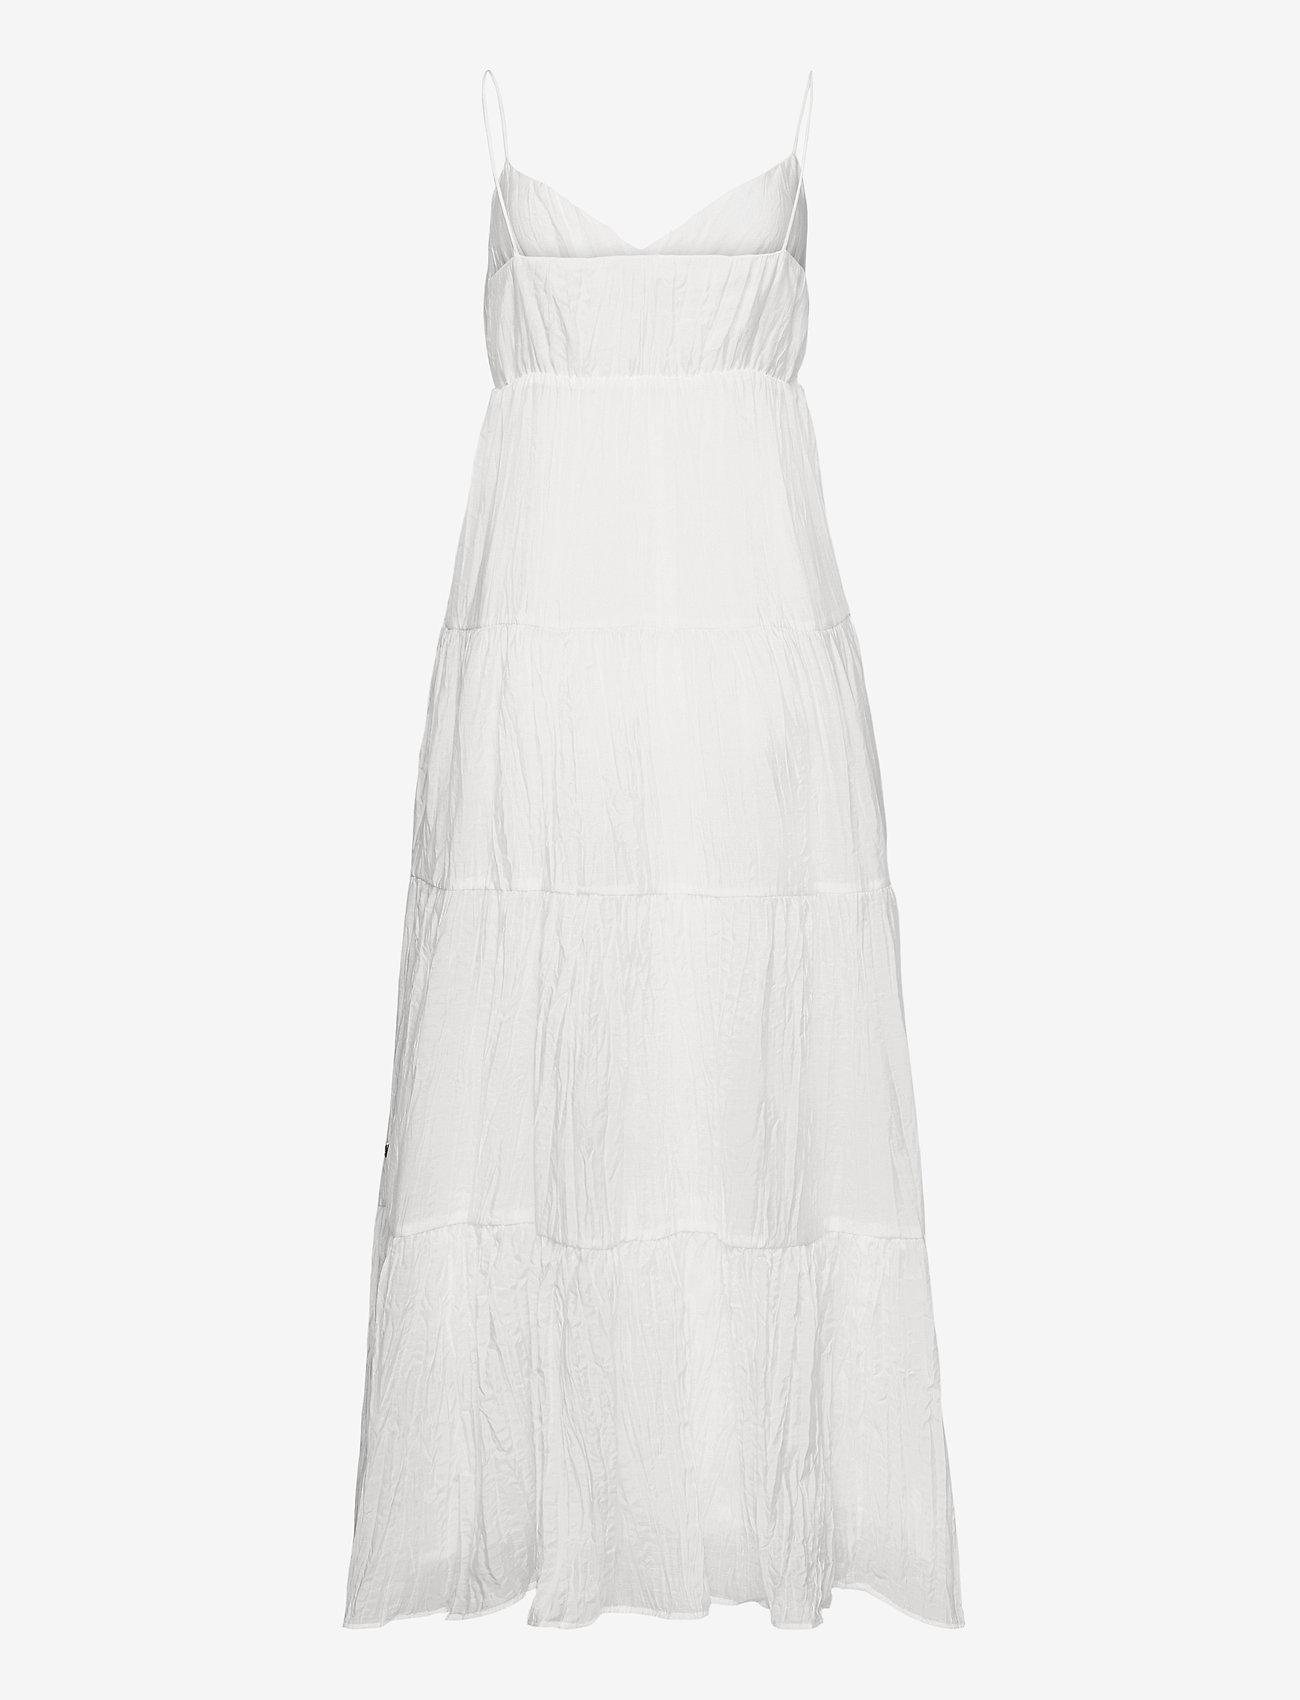 Pepe Jeans London - ANAE - sommerkjoler - white - 1